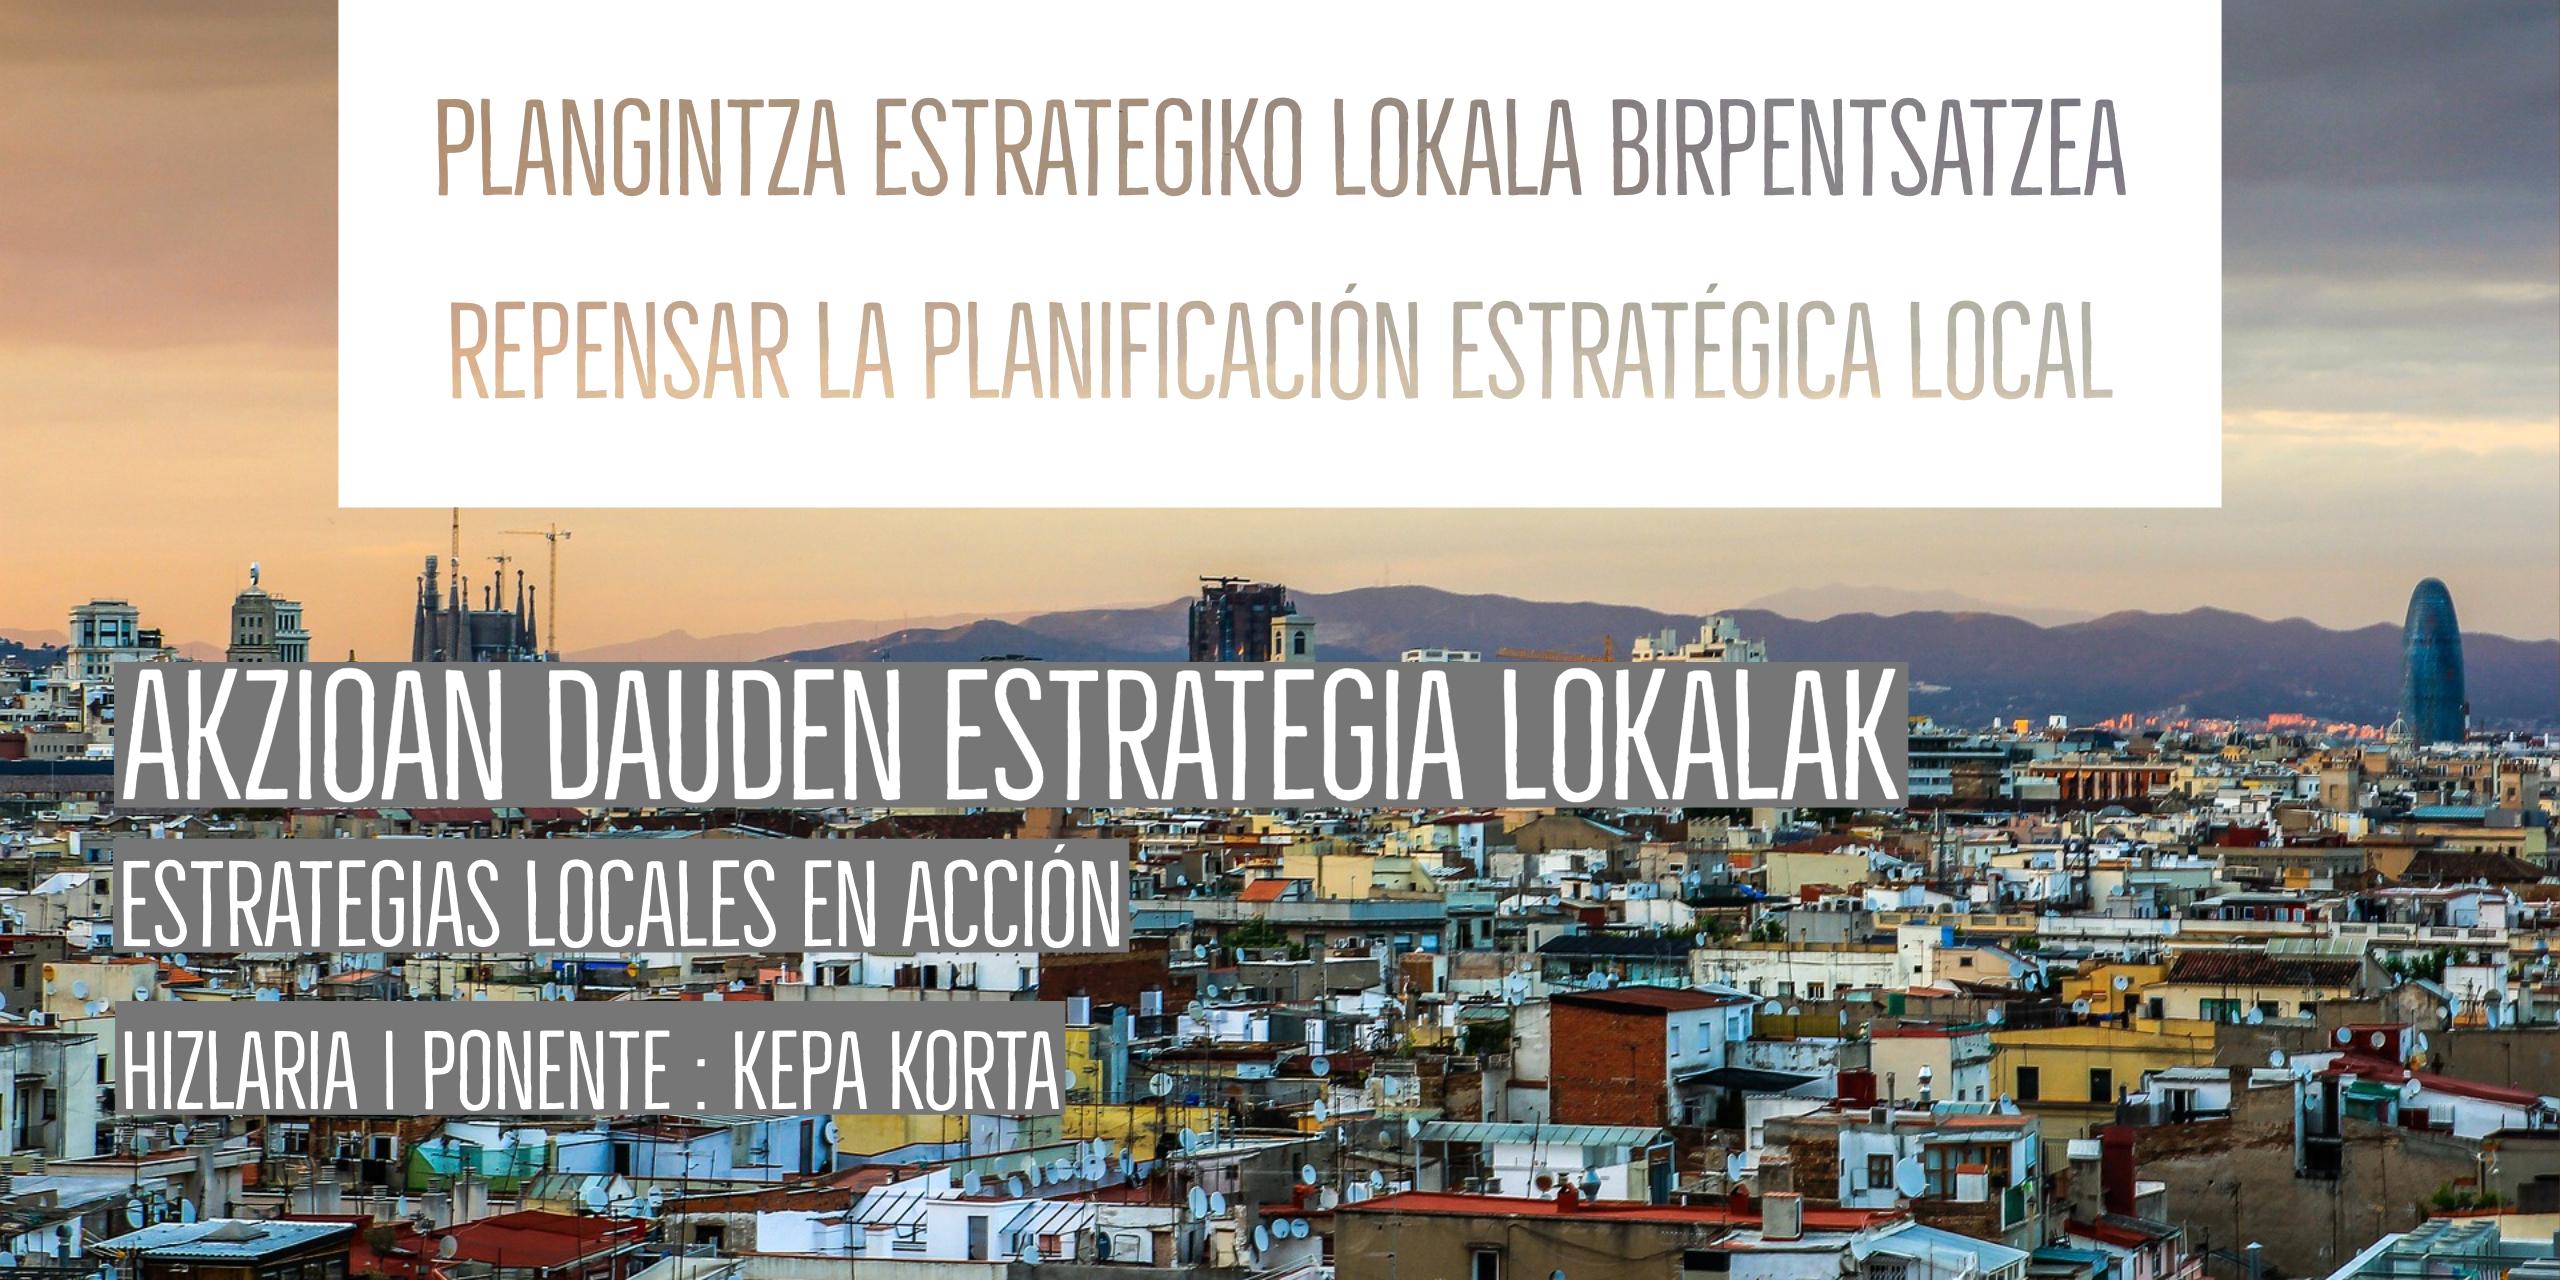 Plangintza estrategiko lokala birpentsatzea